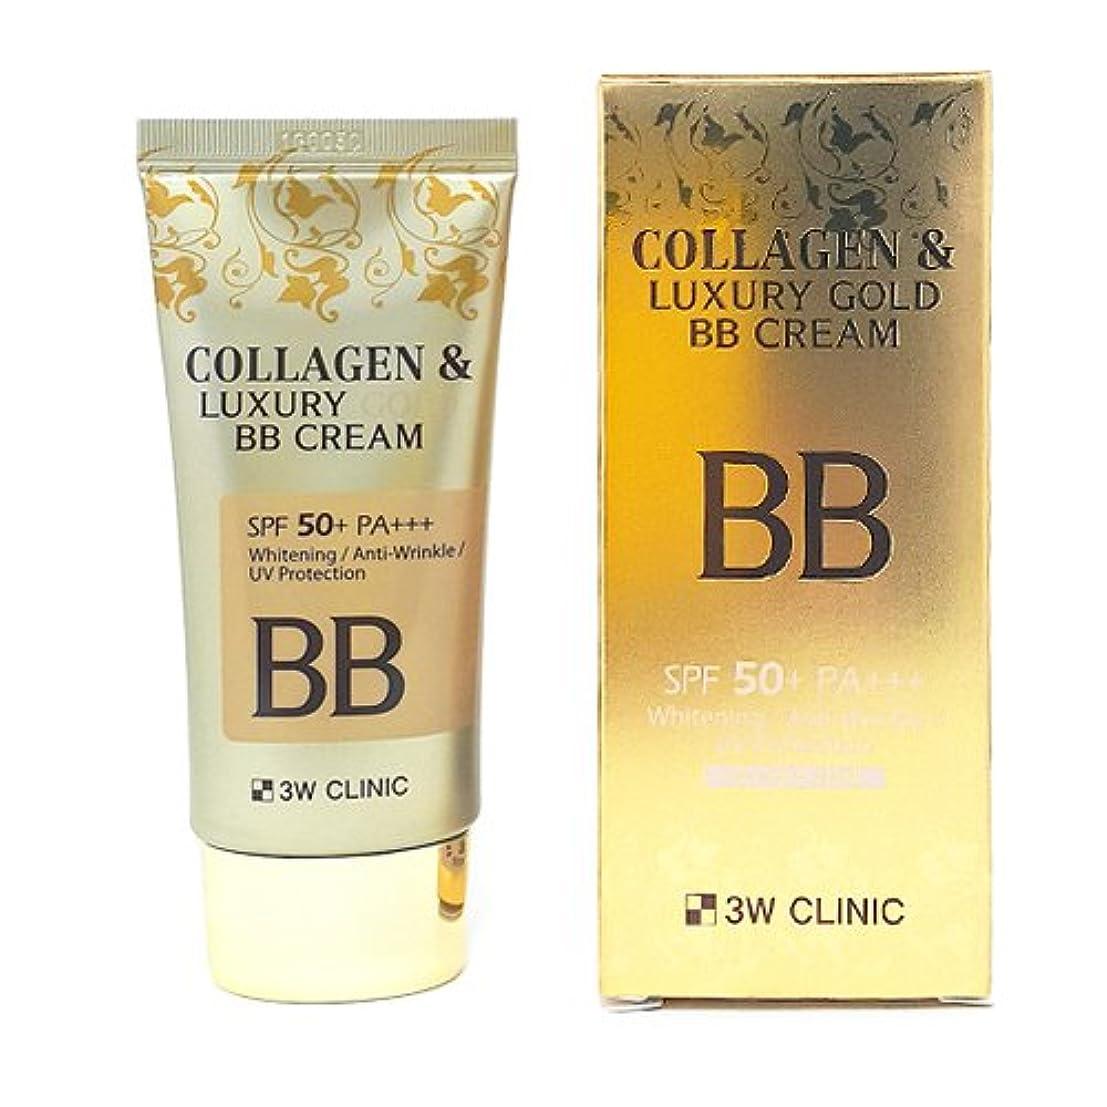 慰め晩餐ディレクター3Wクリニック[韓国コスメ3w Clinic]Collagen & Luxury Gold BB Cream コラーゲンラグジュアリーゴールド BBクリーム50ml 50+/PA+++[並行輸入品]